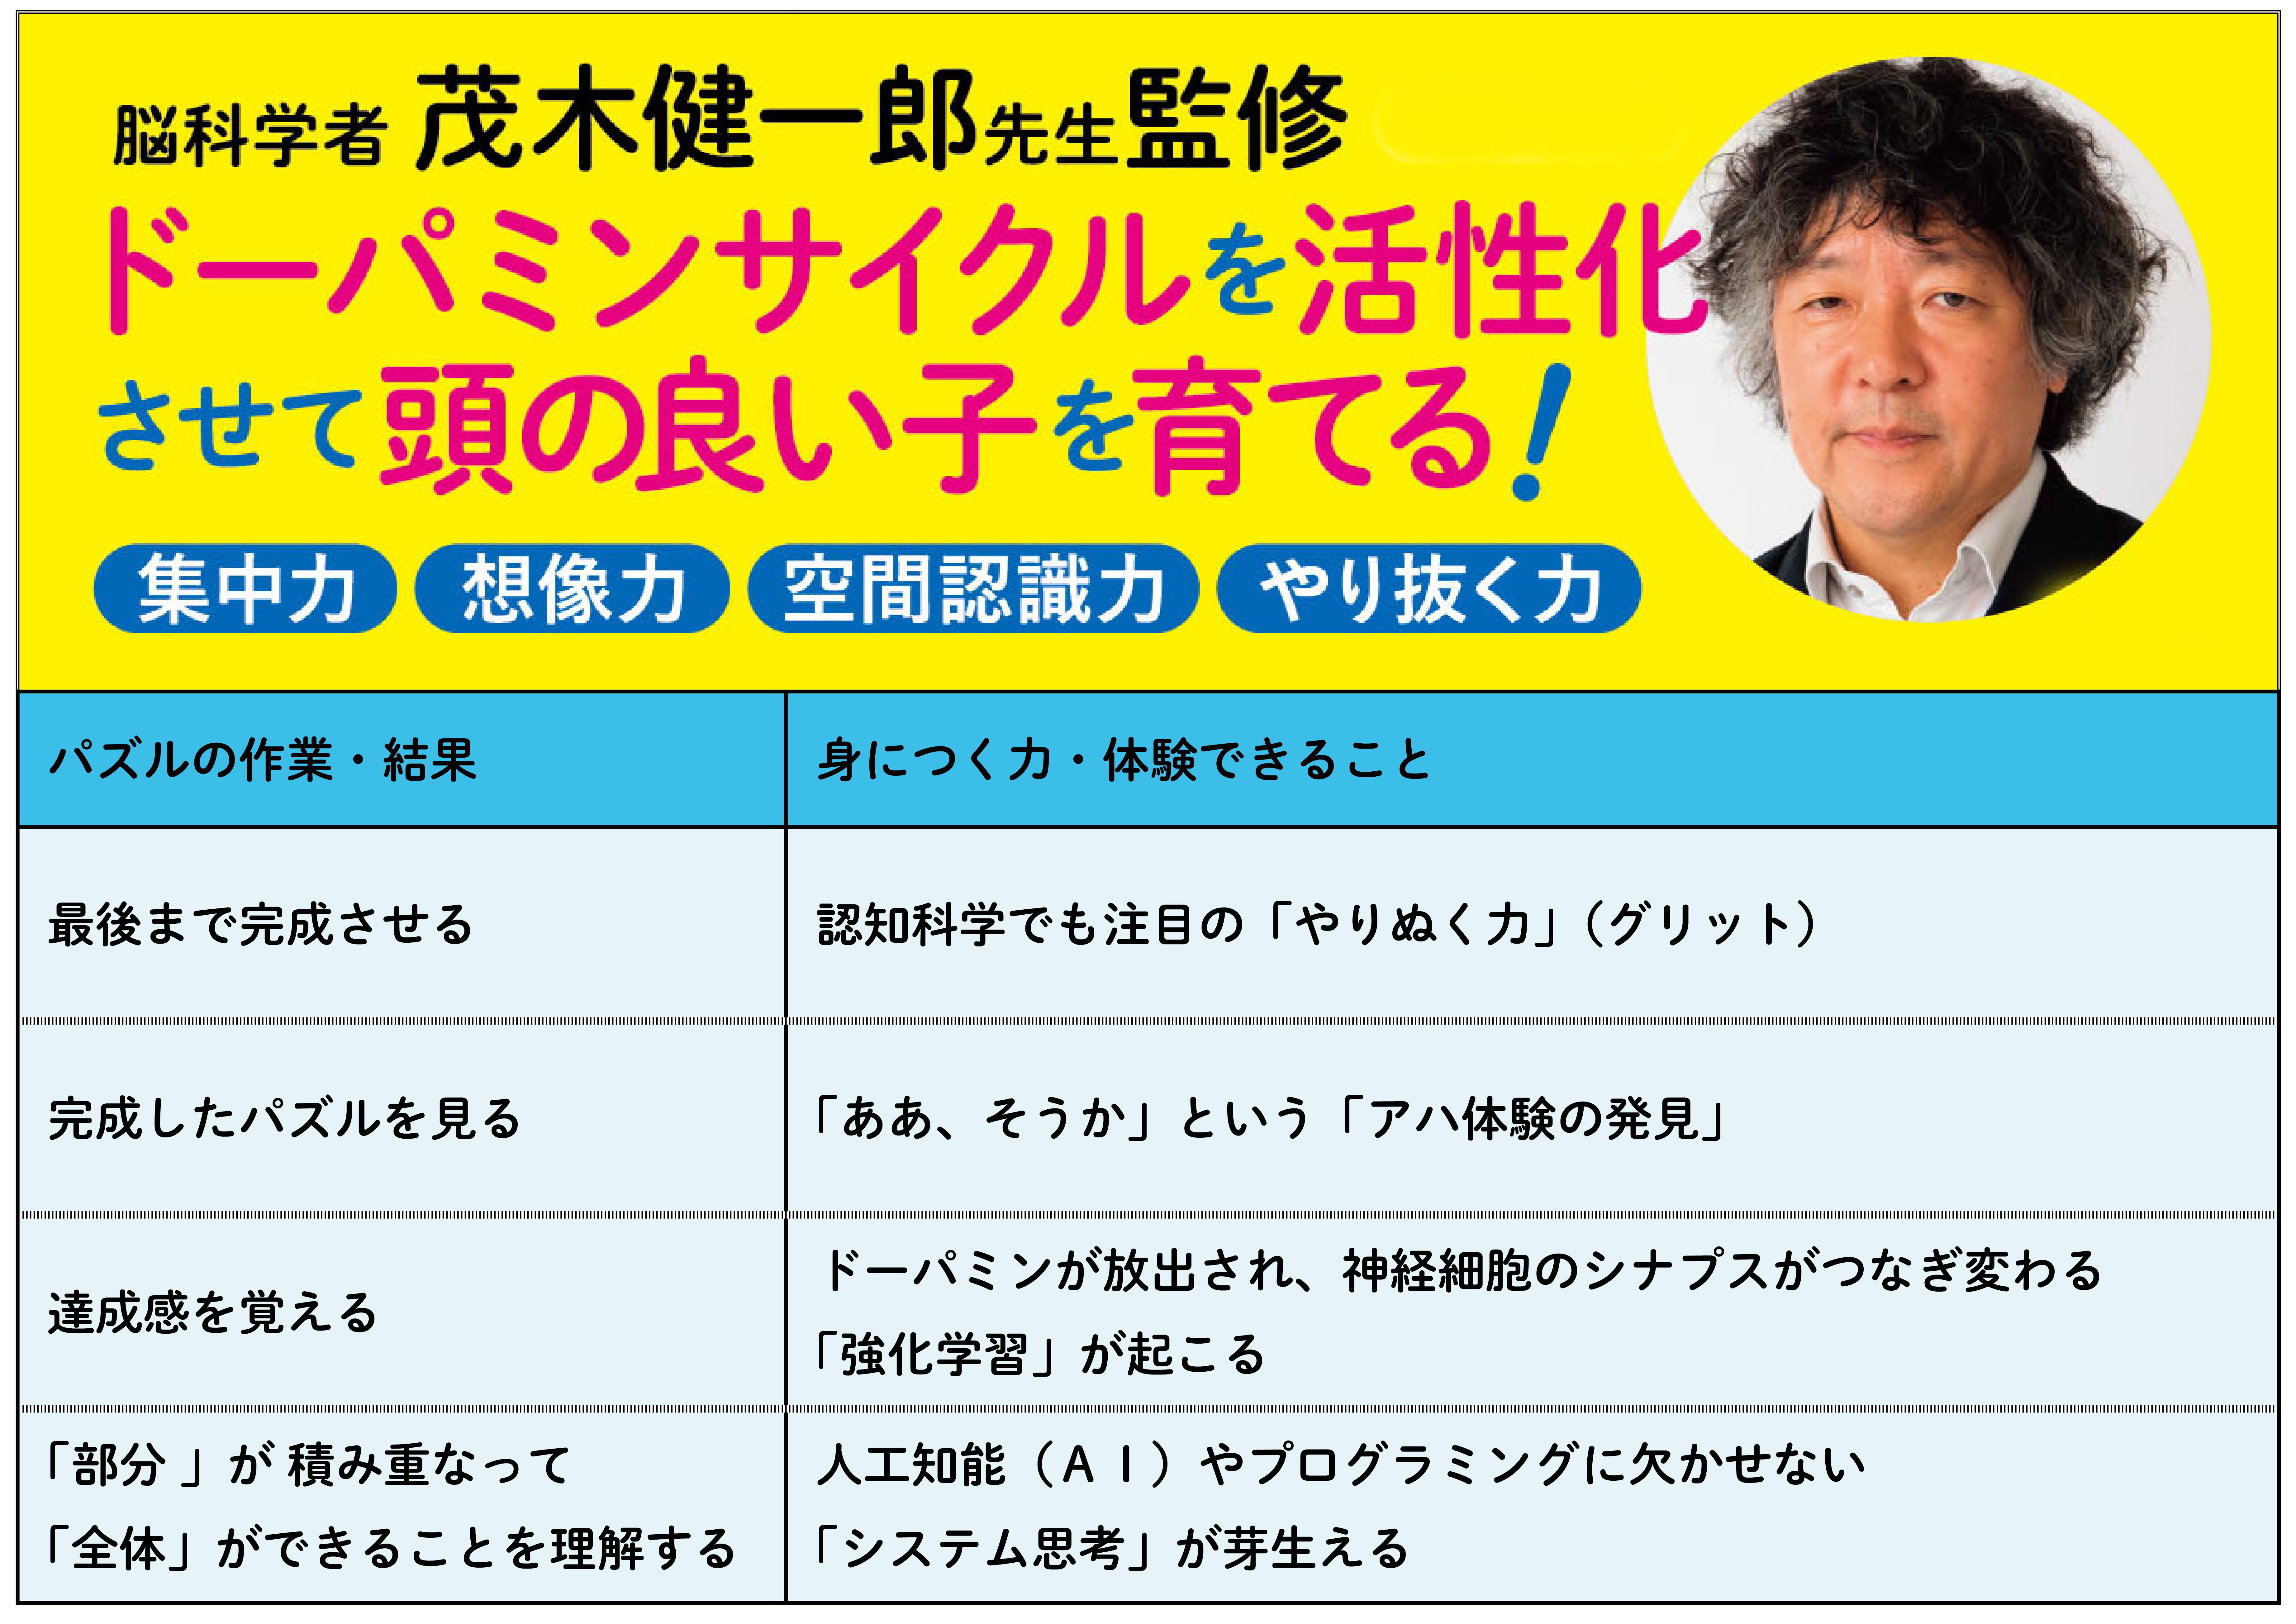 「脳科学者・茂木健一郎氏によると、パズルを解くことで脳にたくさんの刺激を与えることができる」画像